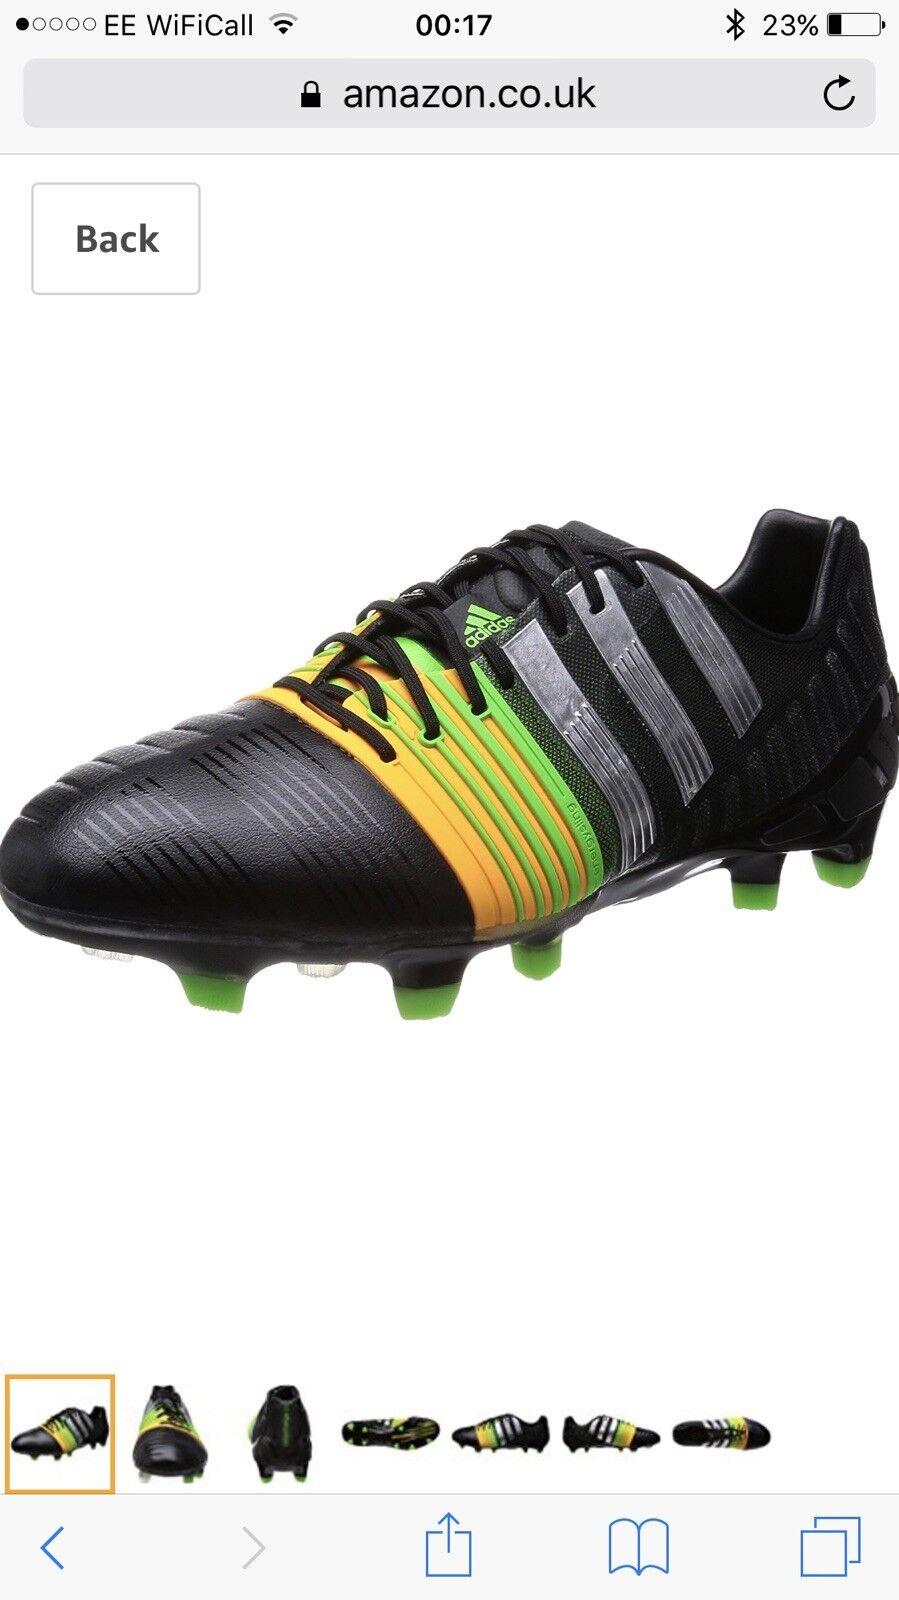 NUOVO-Adidas Nitrocharge 1.0 FG Scarpe da Calcio  prezzo consigliato  calcio da uomo misura 7